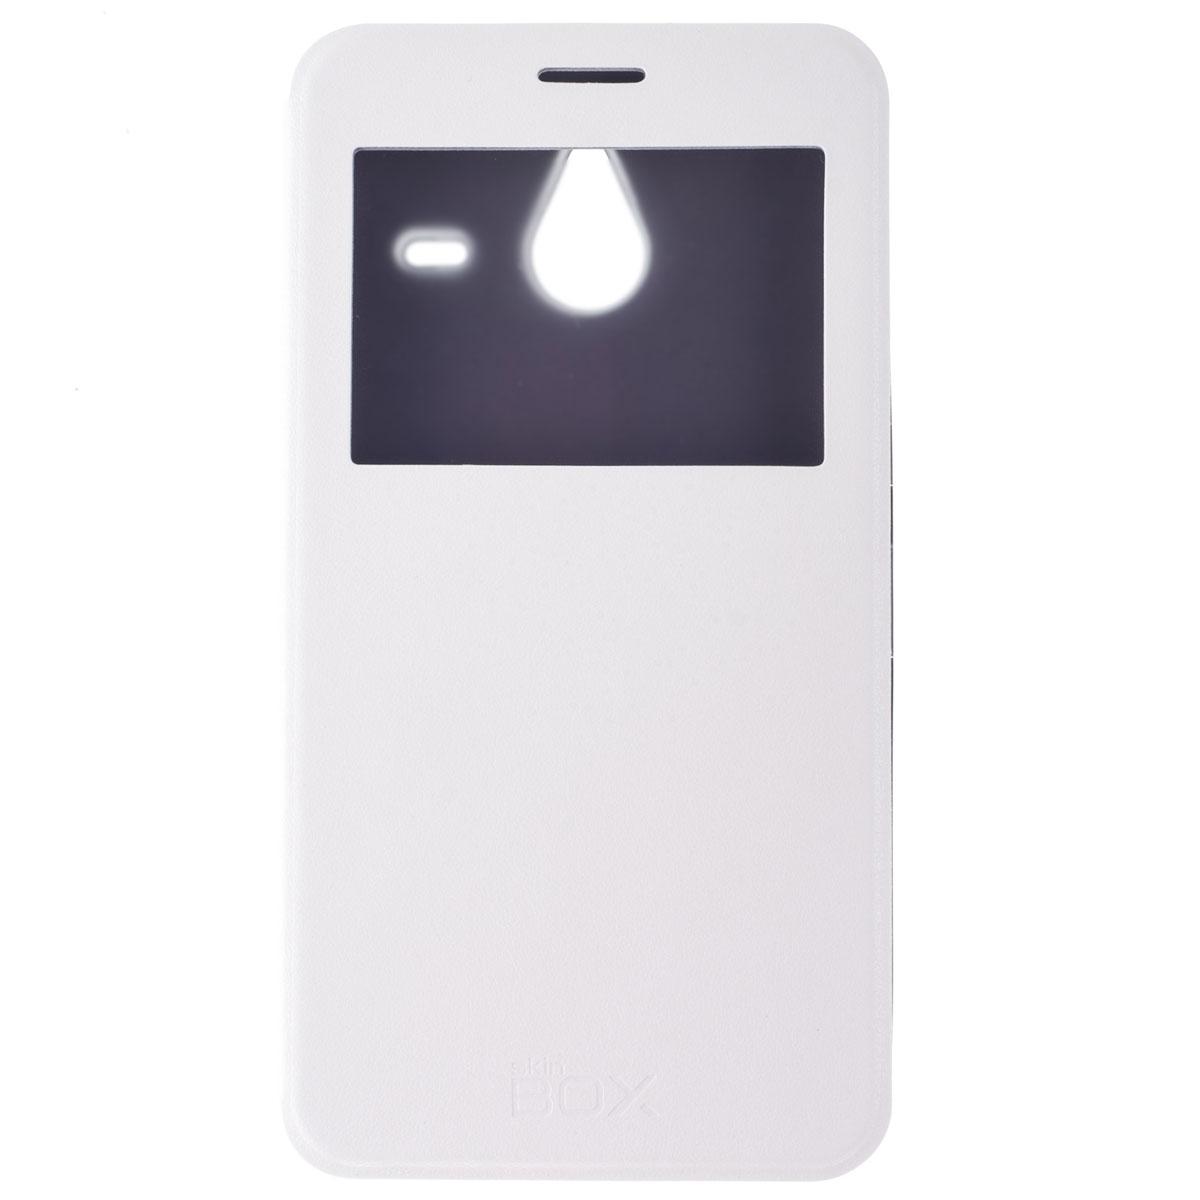 Skinbox Lux AW чехол для Microsoft Lumia 640 XL, WhiteT-S-ML640XL-004Чехол Skinbox Lux AW выполнен из высококачественного поликарбоната и экокожи. Он обеспечивает надежную защиту корпуса и экрана смартфона и надолго сохраняет его привлекательный внешний вид. Чехол также обеспечивает свободный доступ ко всем разъемам и клавишам устройства.